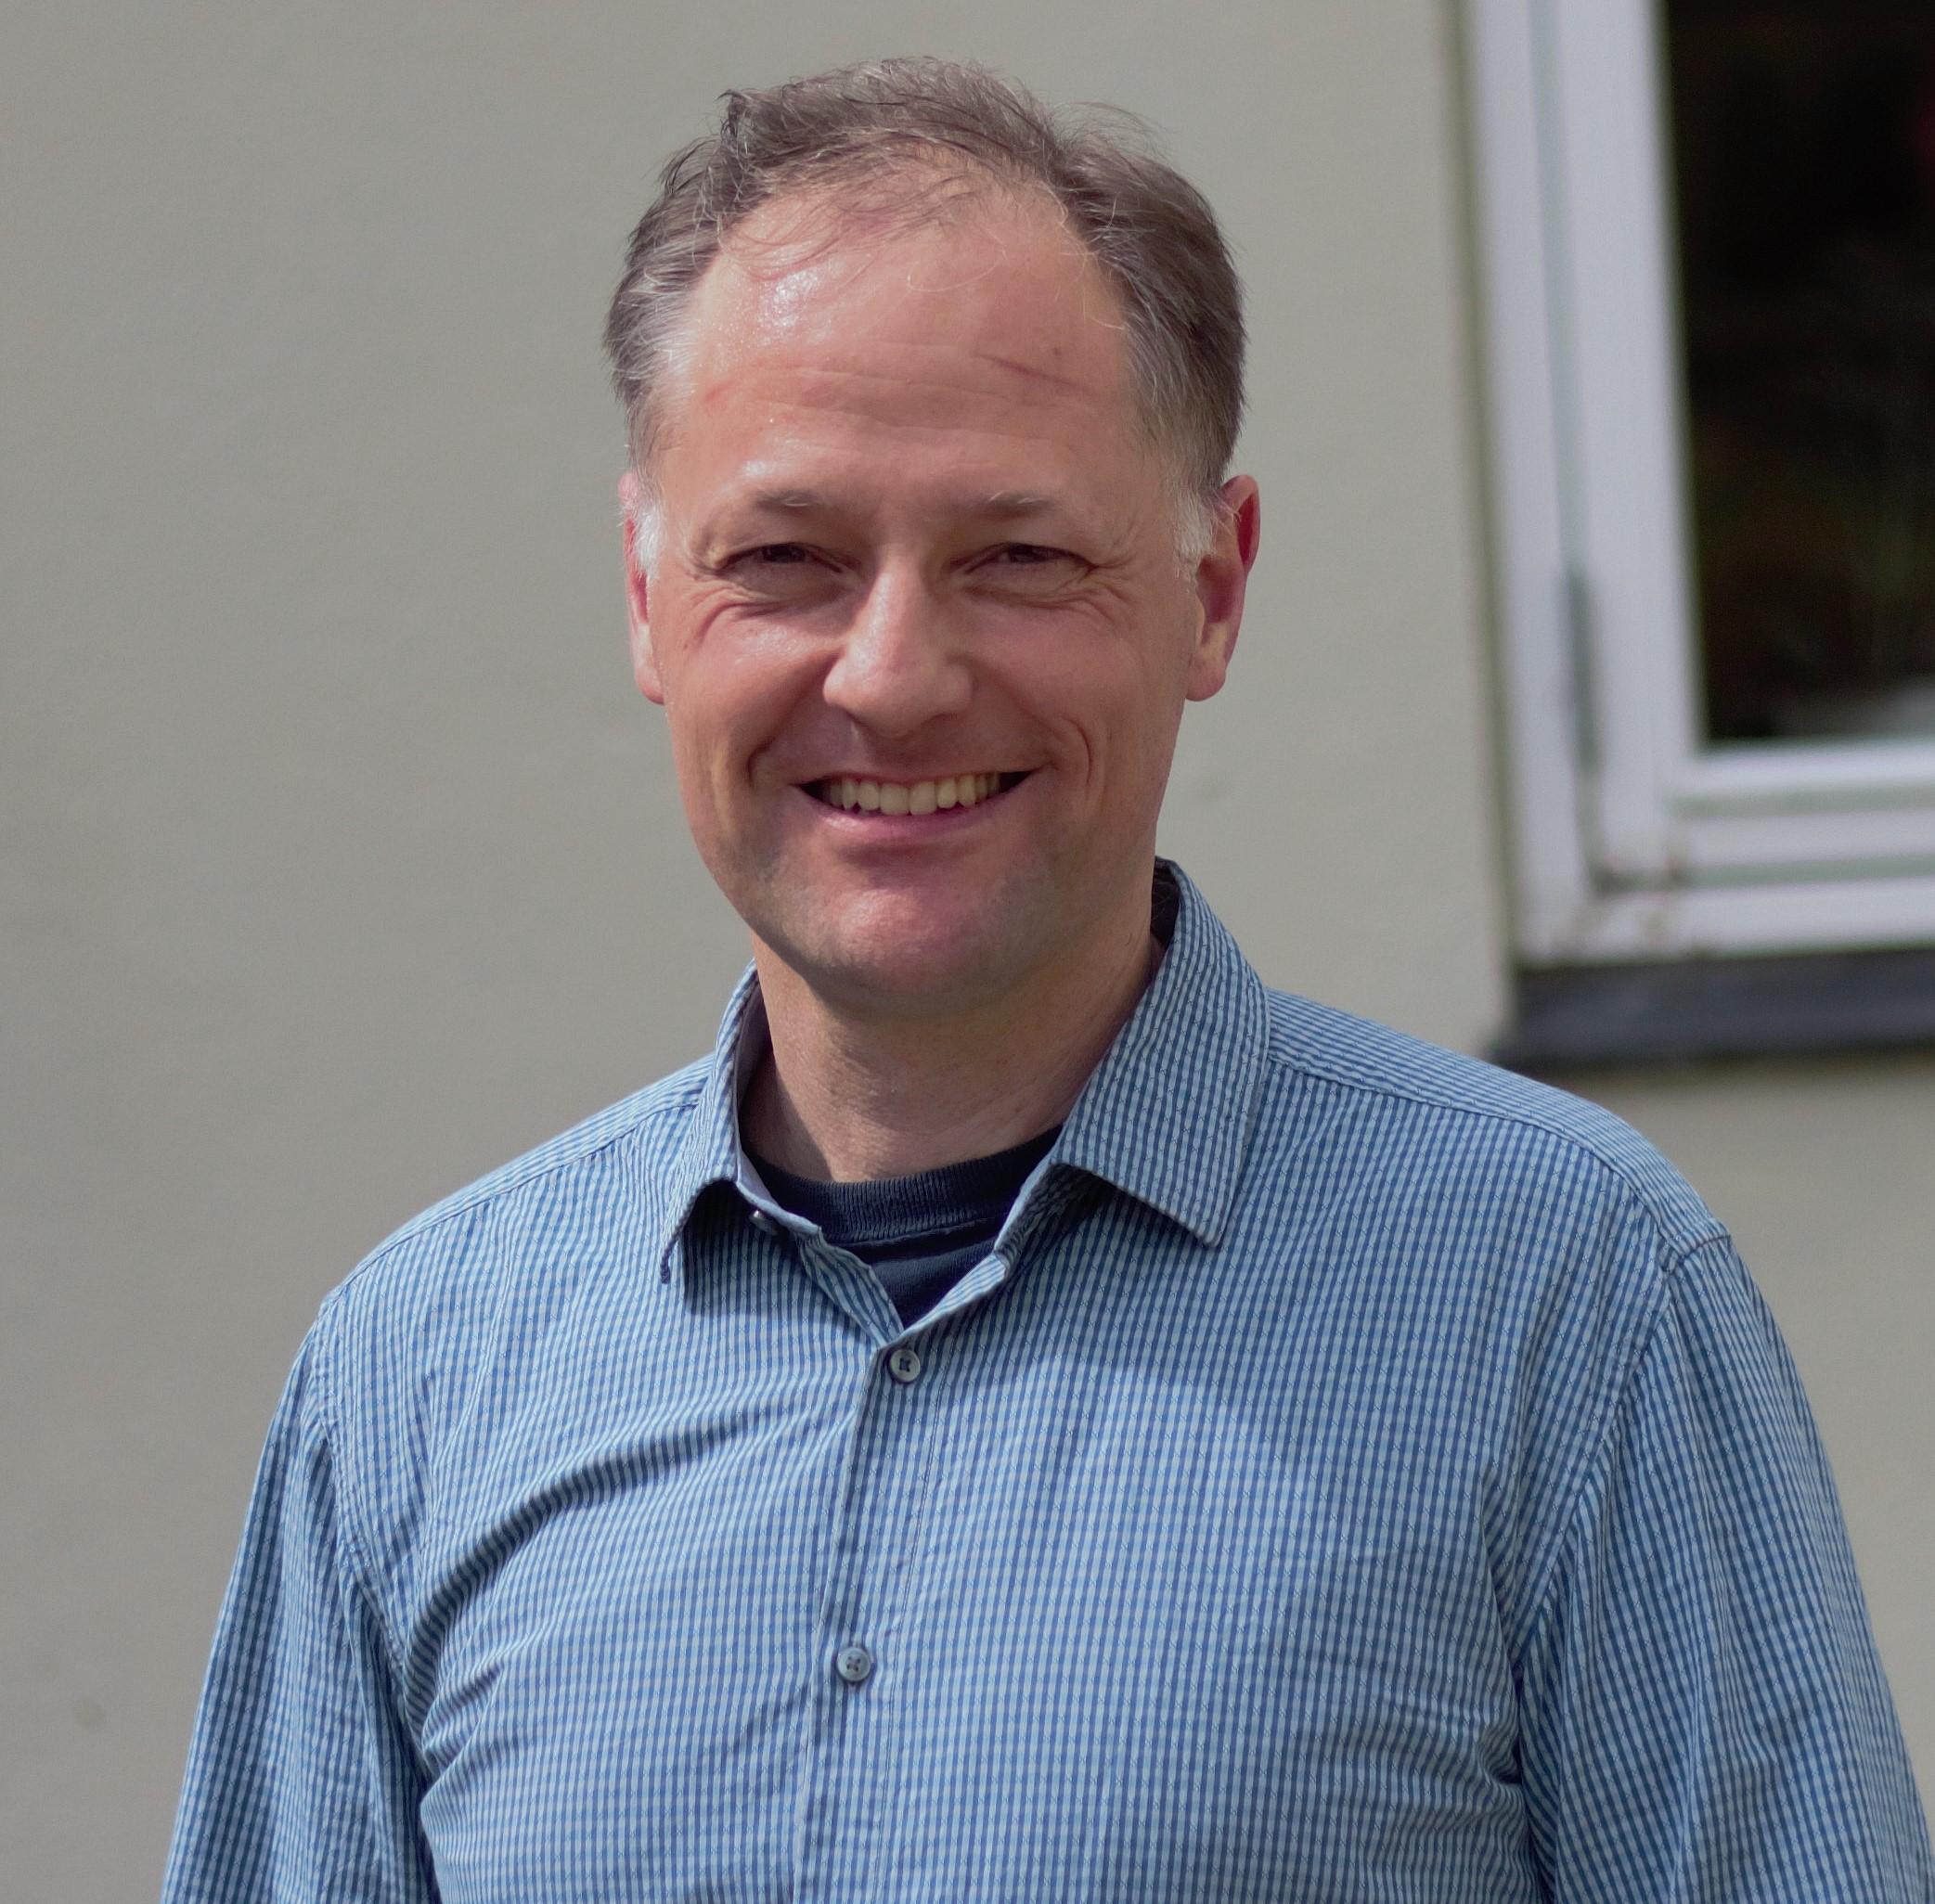 Peter Vestergaard Rasmussen